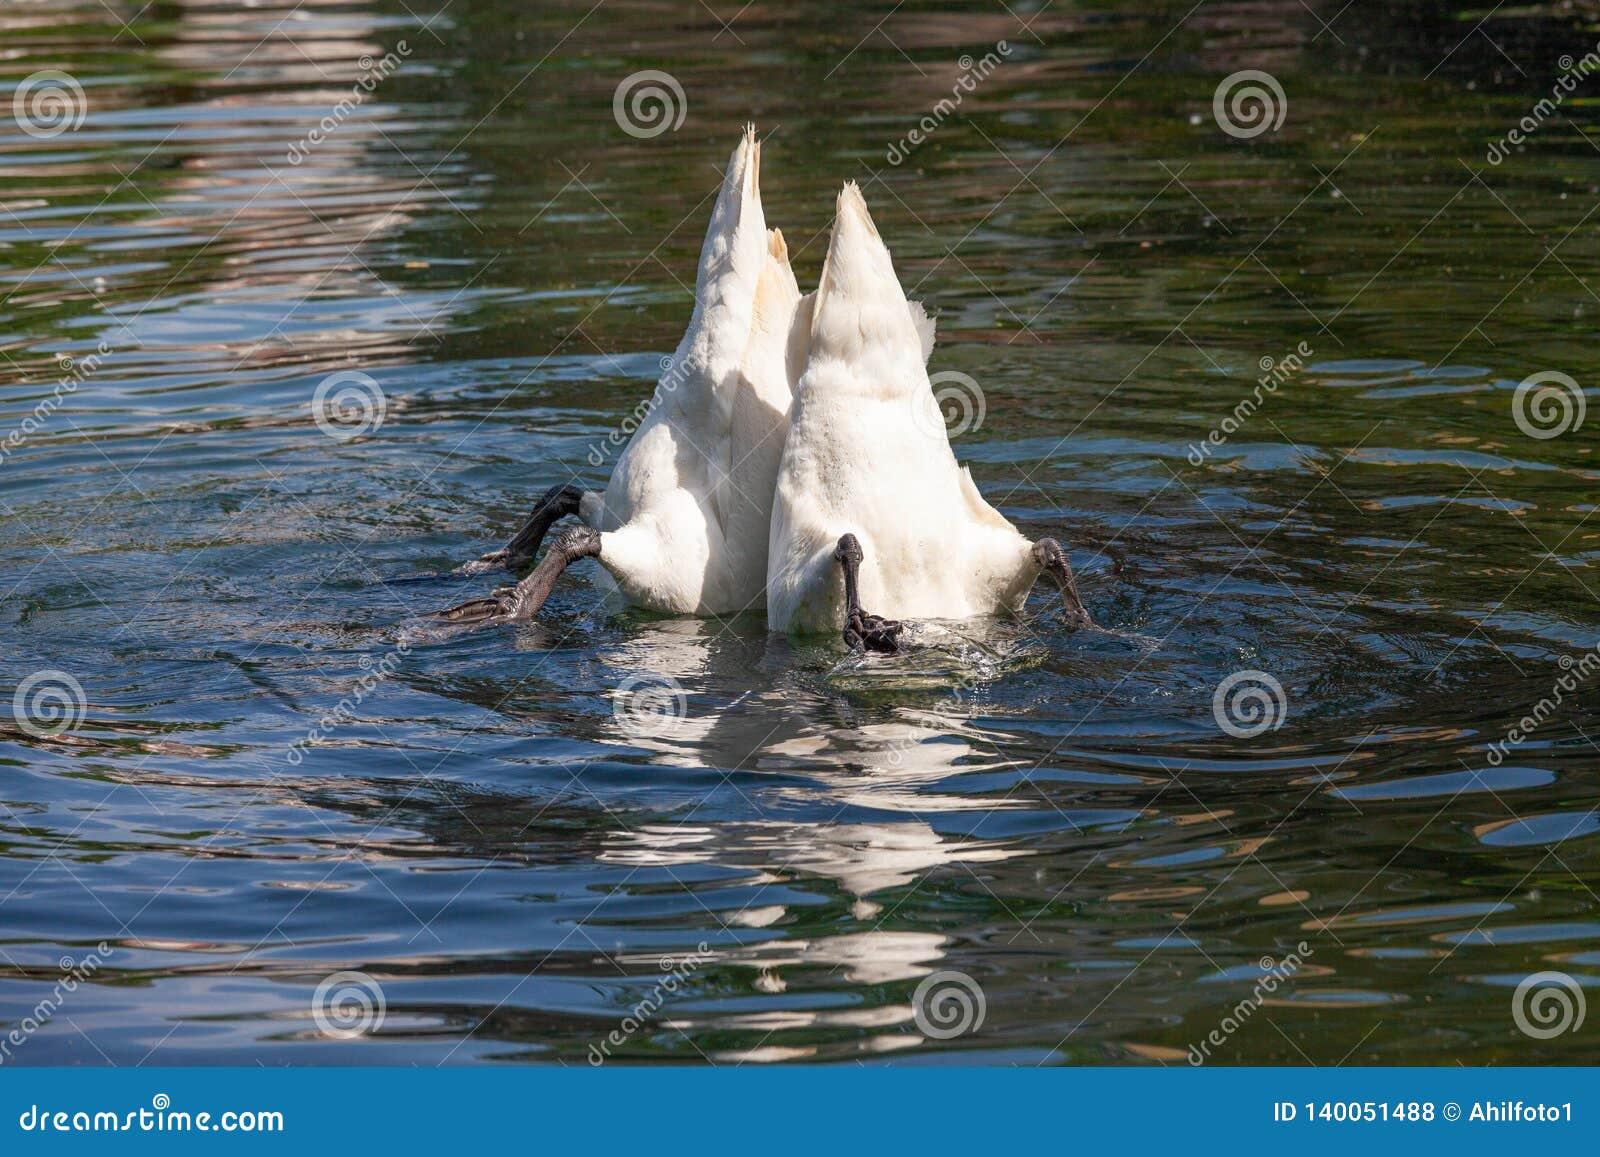 Δύο άσπροι κύκνοι κολλούν τις ουρές τους από το νερό